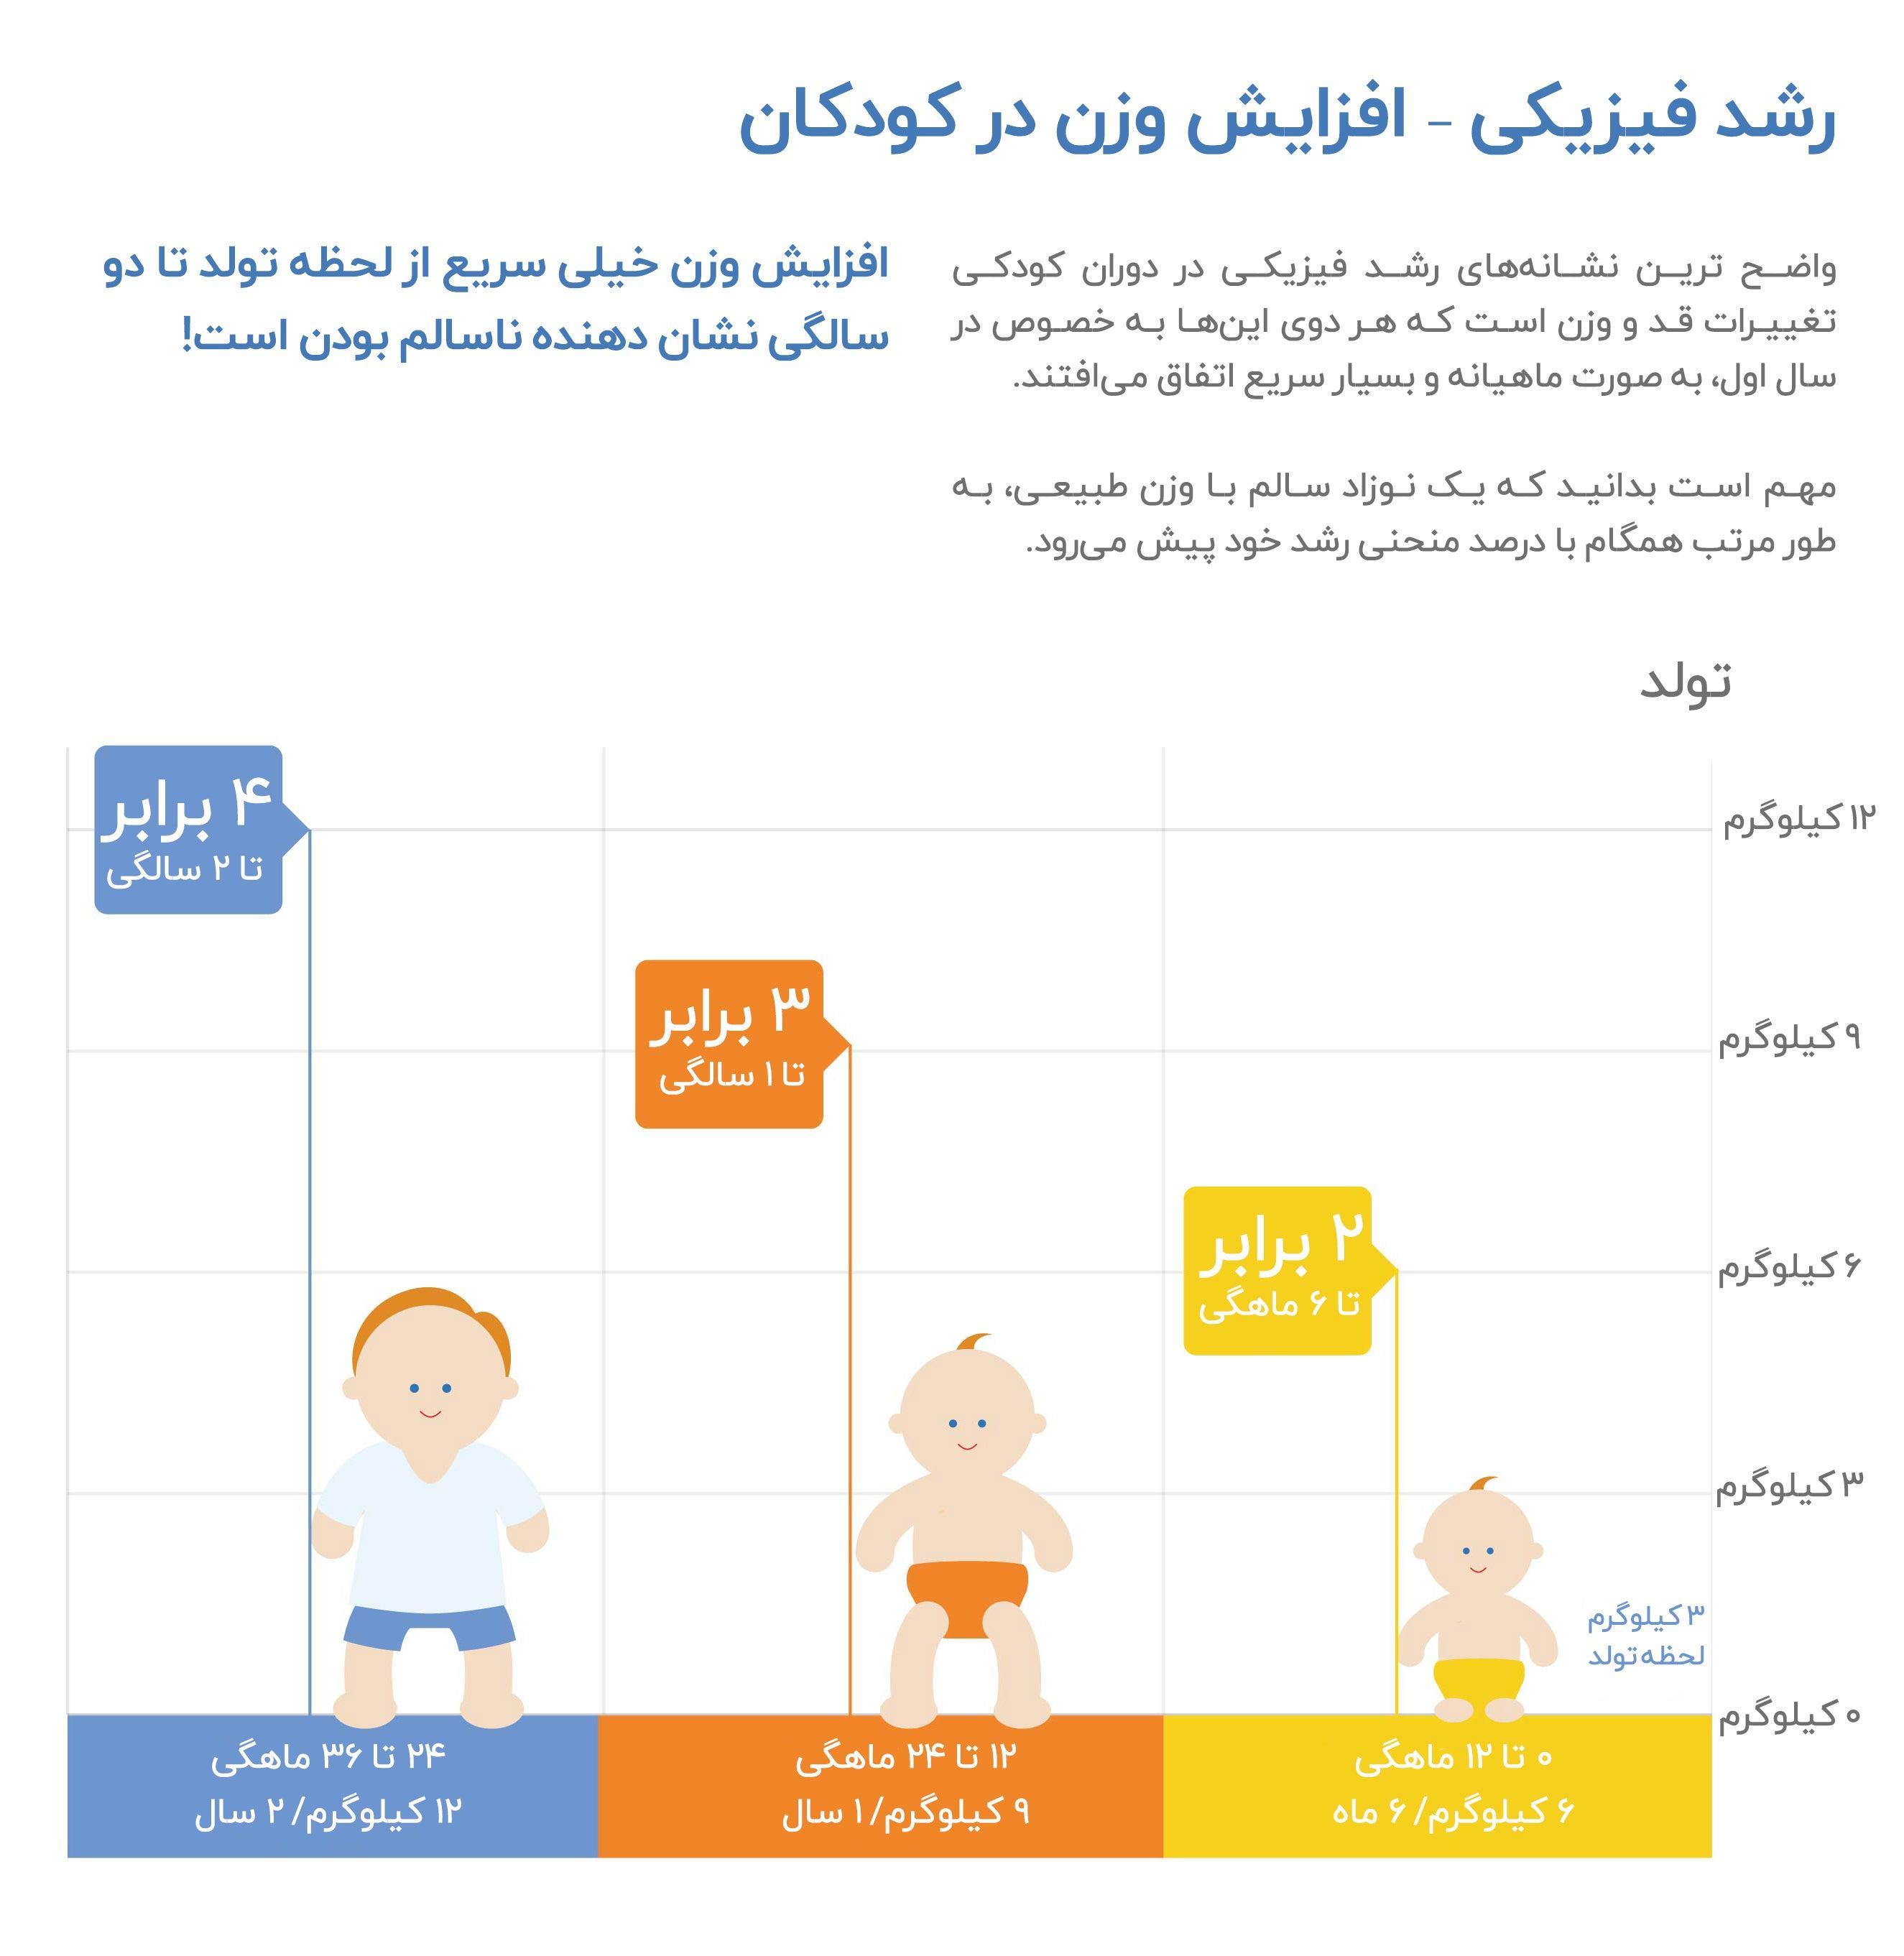 افزایش قد و وزن کودکان - نمودار وزن